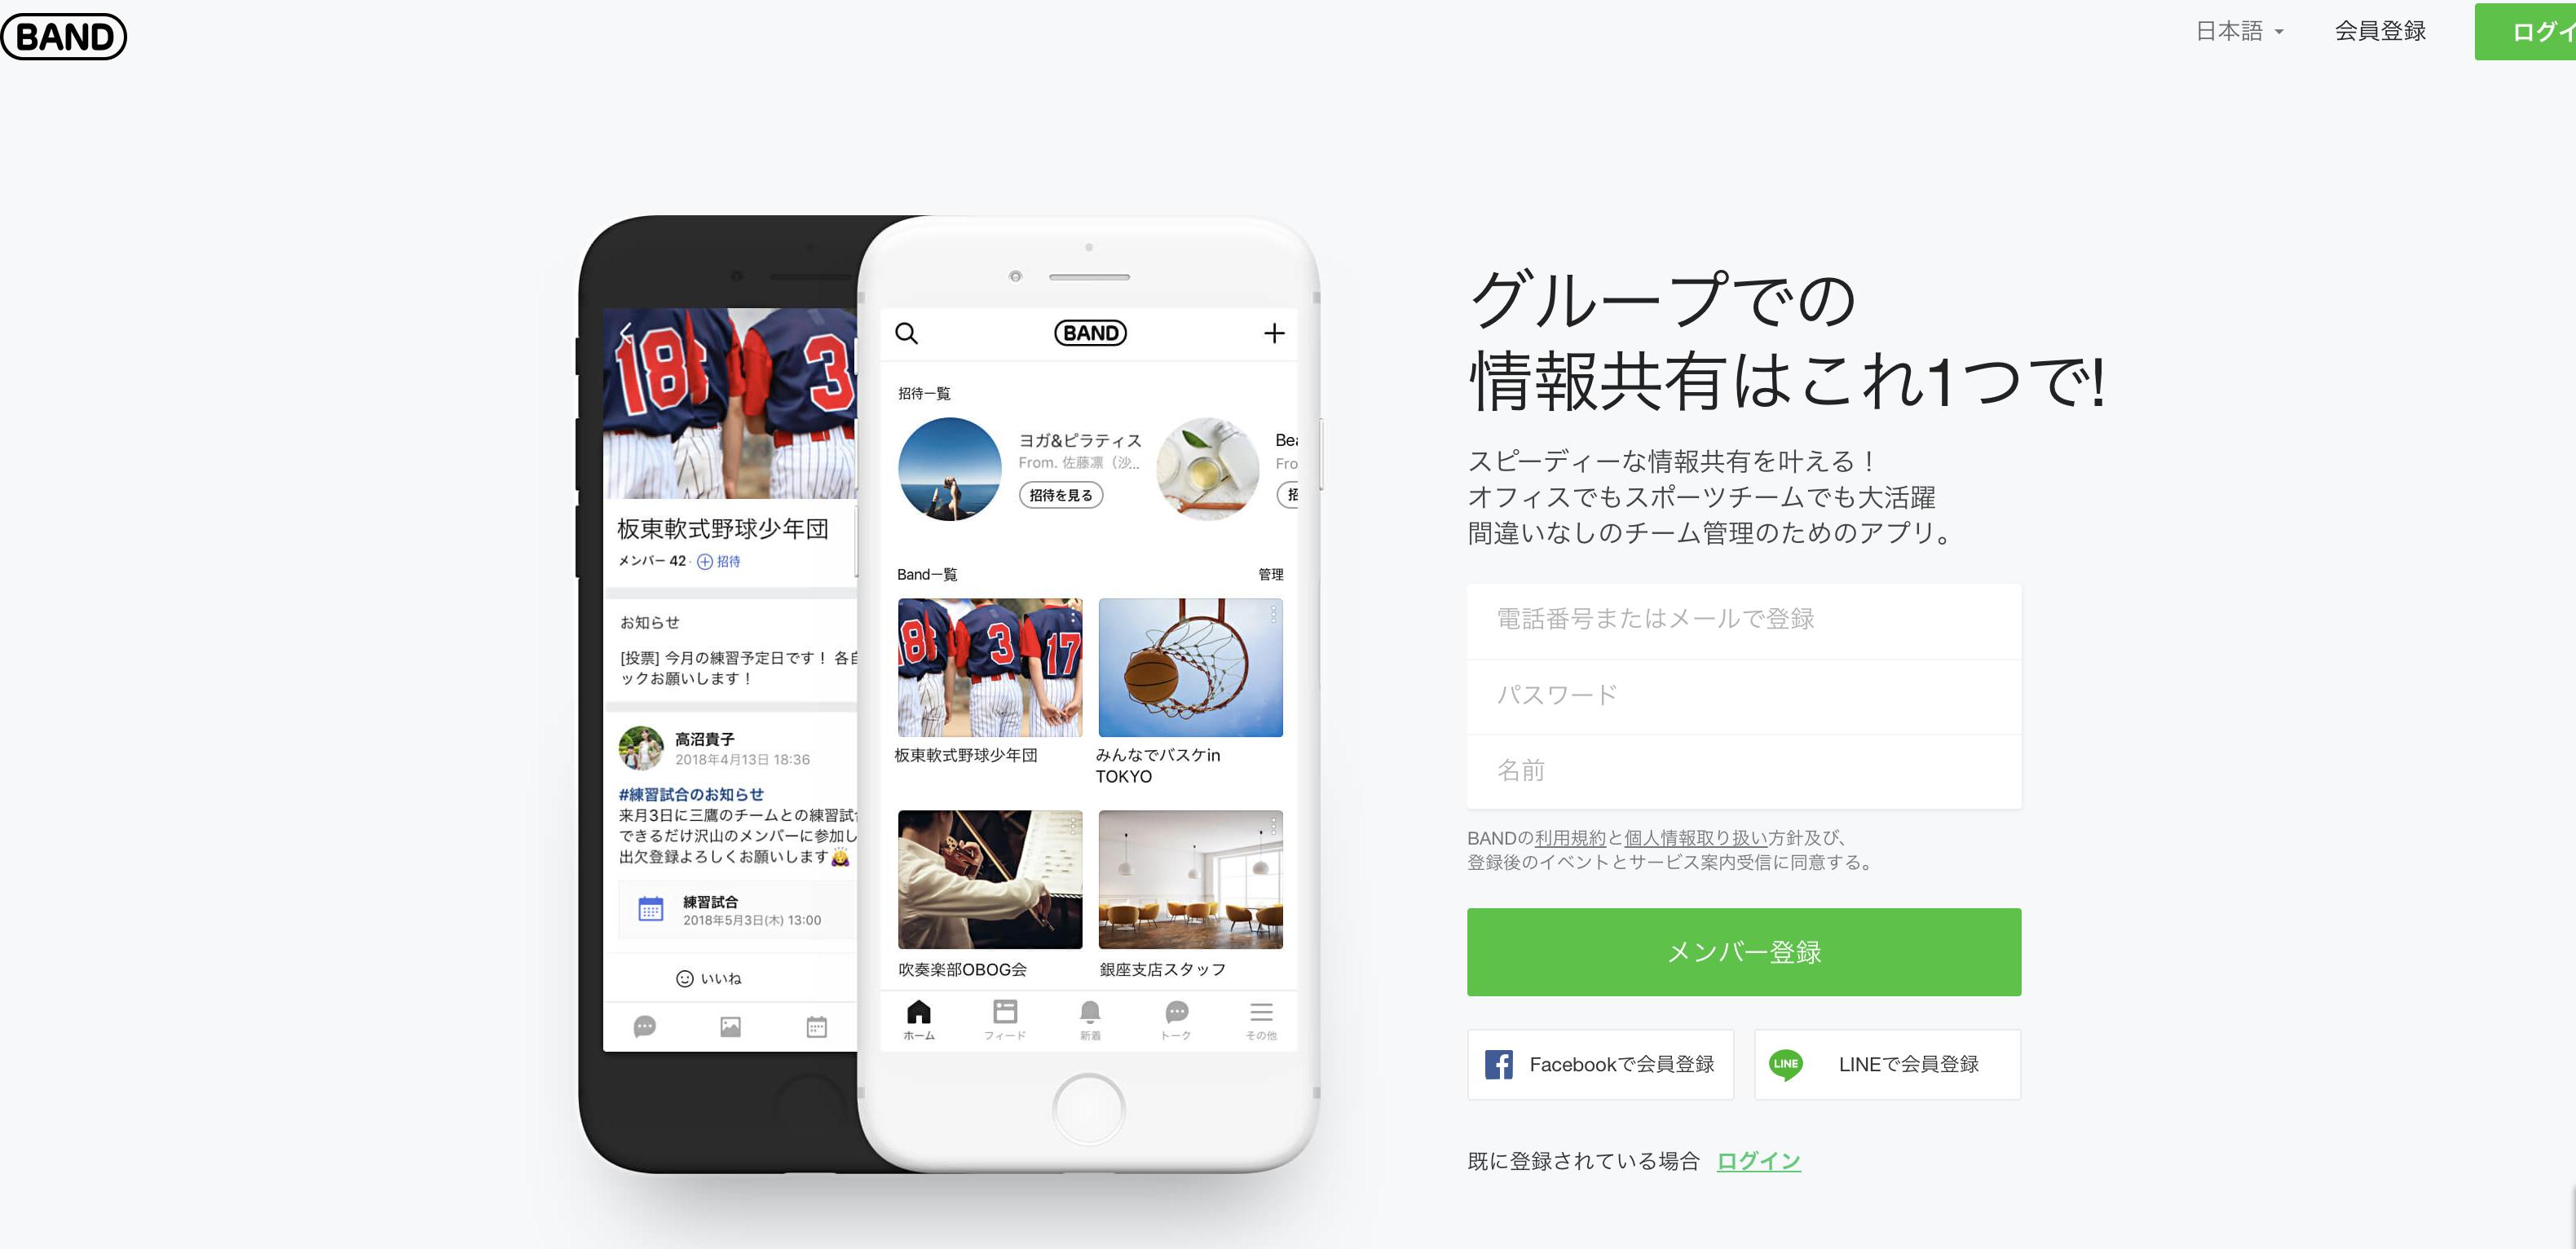 BAND アプリ